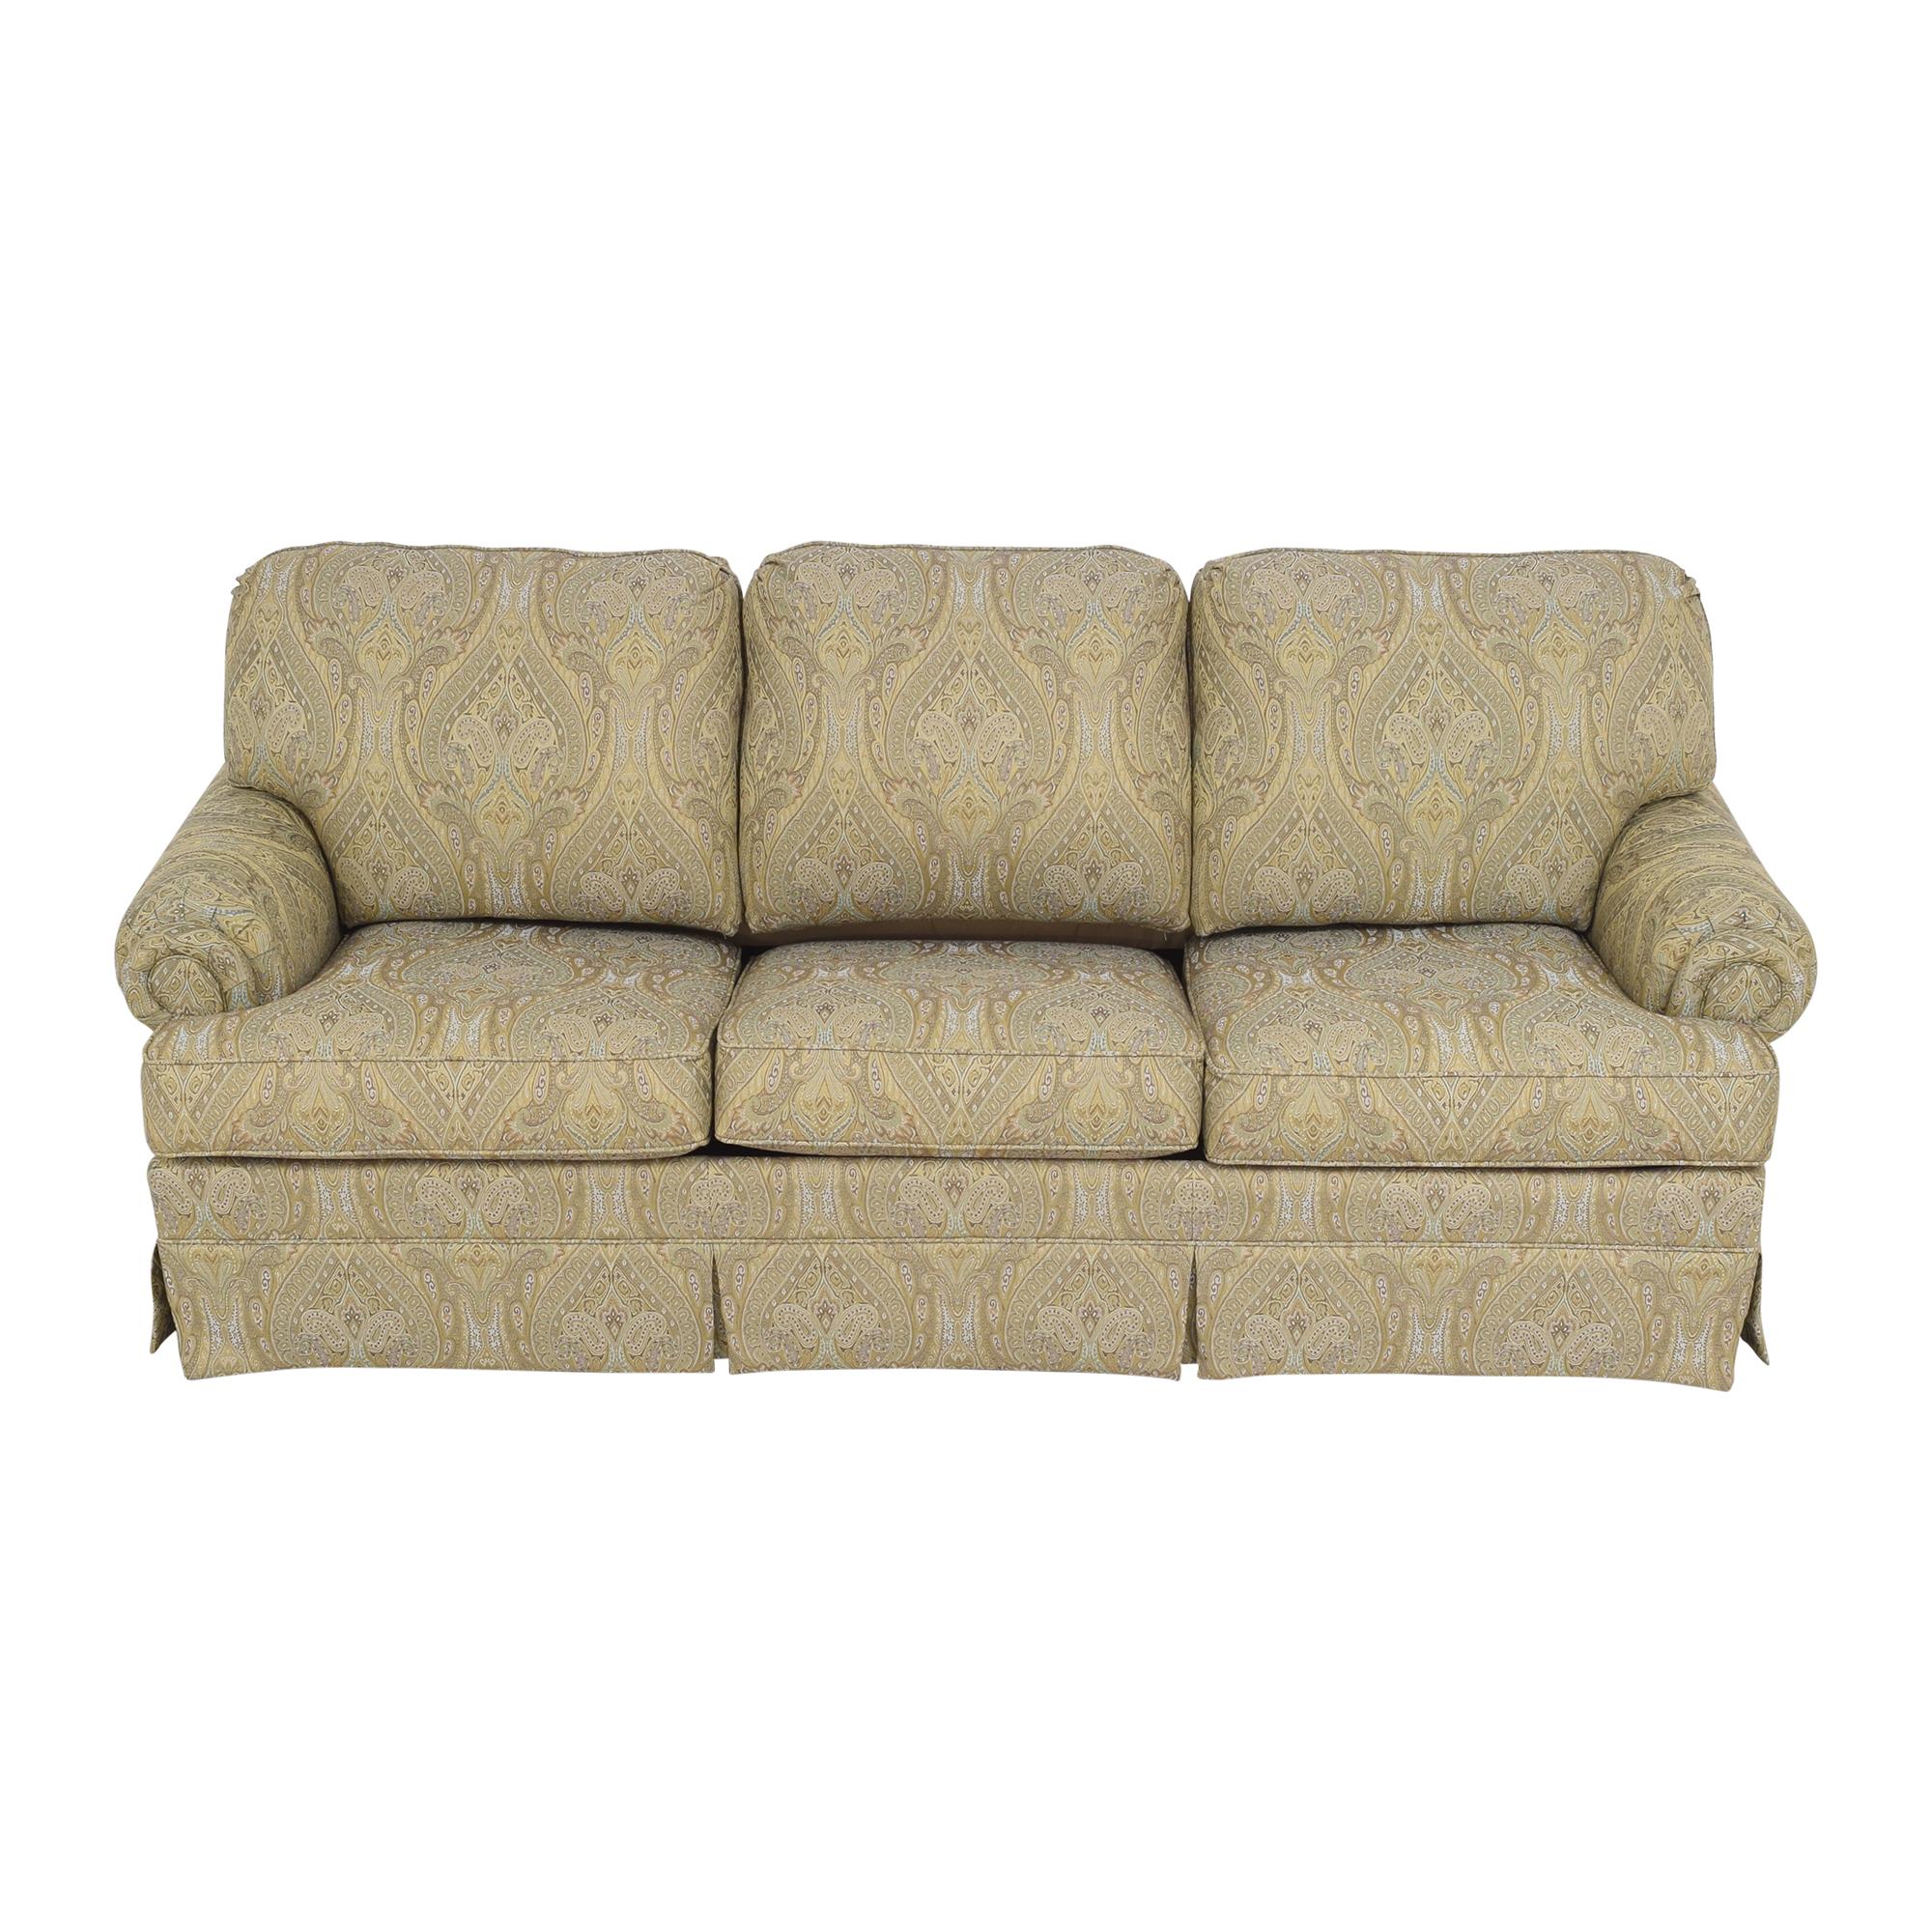 shop Thomasville Paisley Three Cushion Sleeper Sofa Thomasville